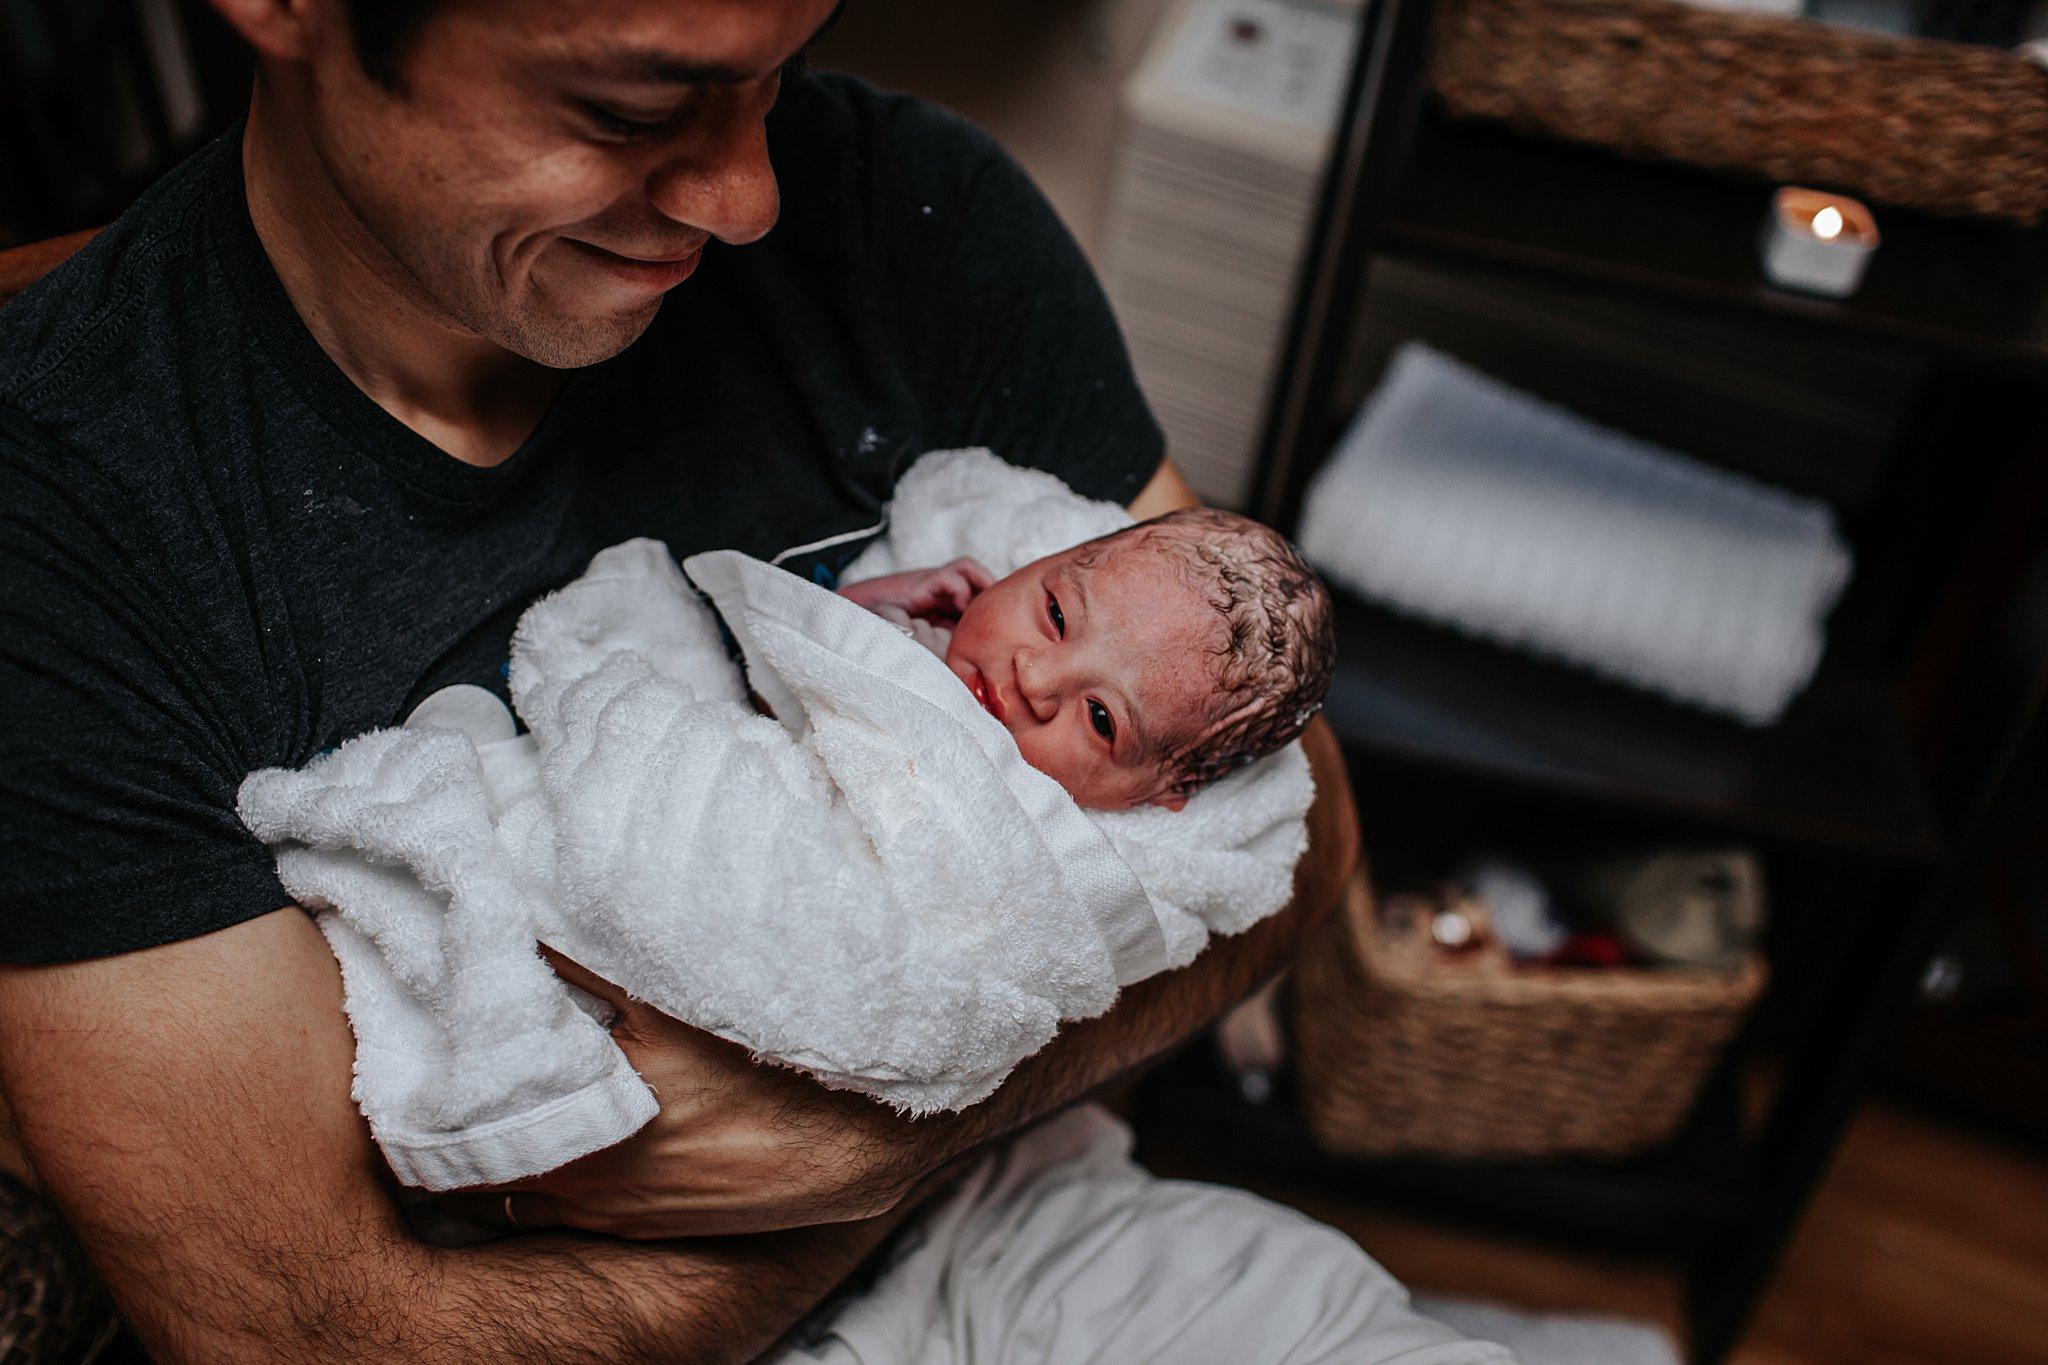 Gemma-San-Antonio-Birth-Photographer-209_WEB.jpg